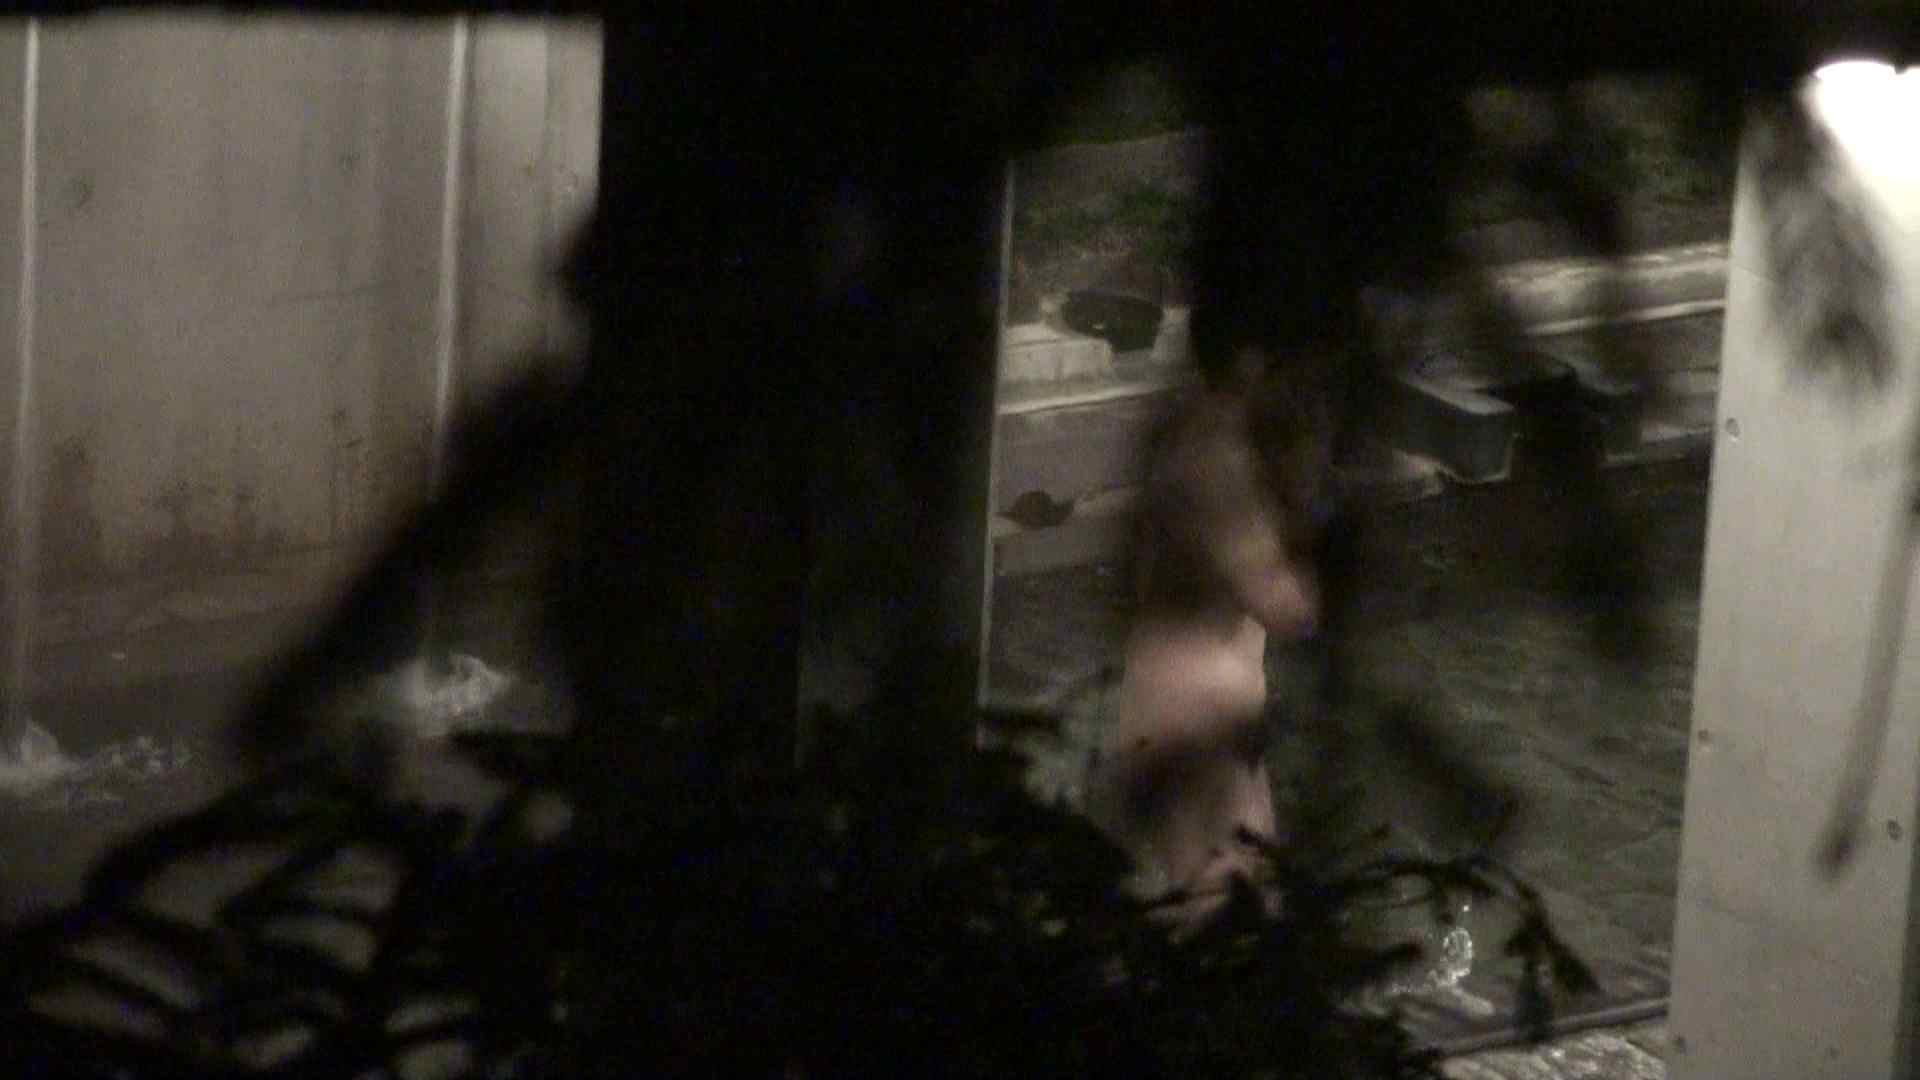 Aquaな露天風呂Vol.377 美しいOLの裸体 盗み撮り動画キャプチャ 105pic 8